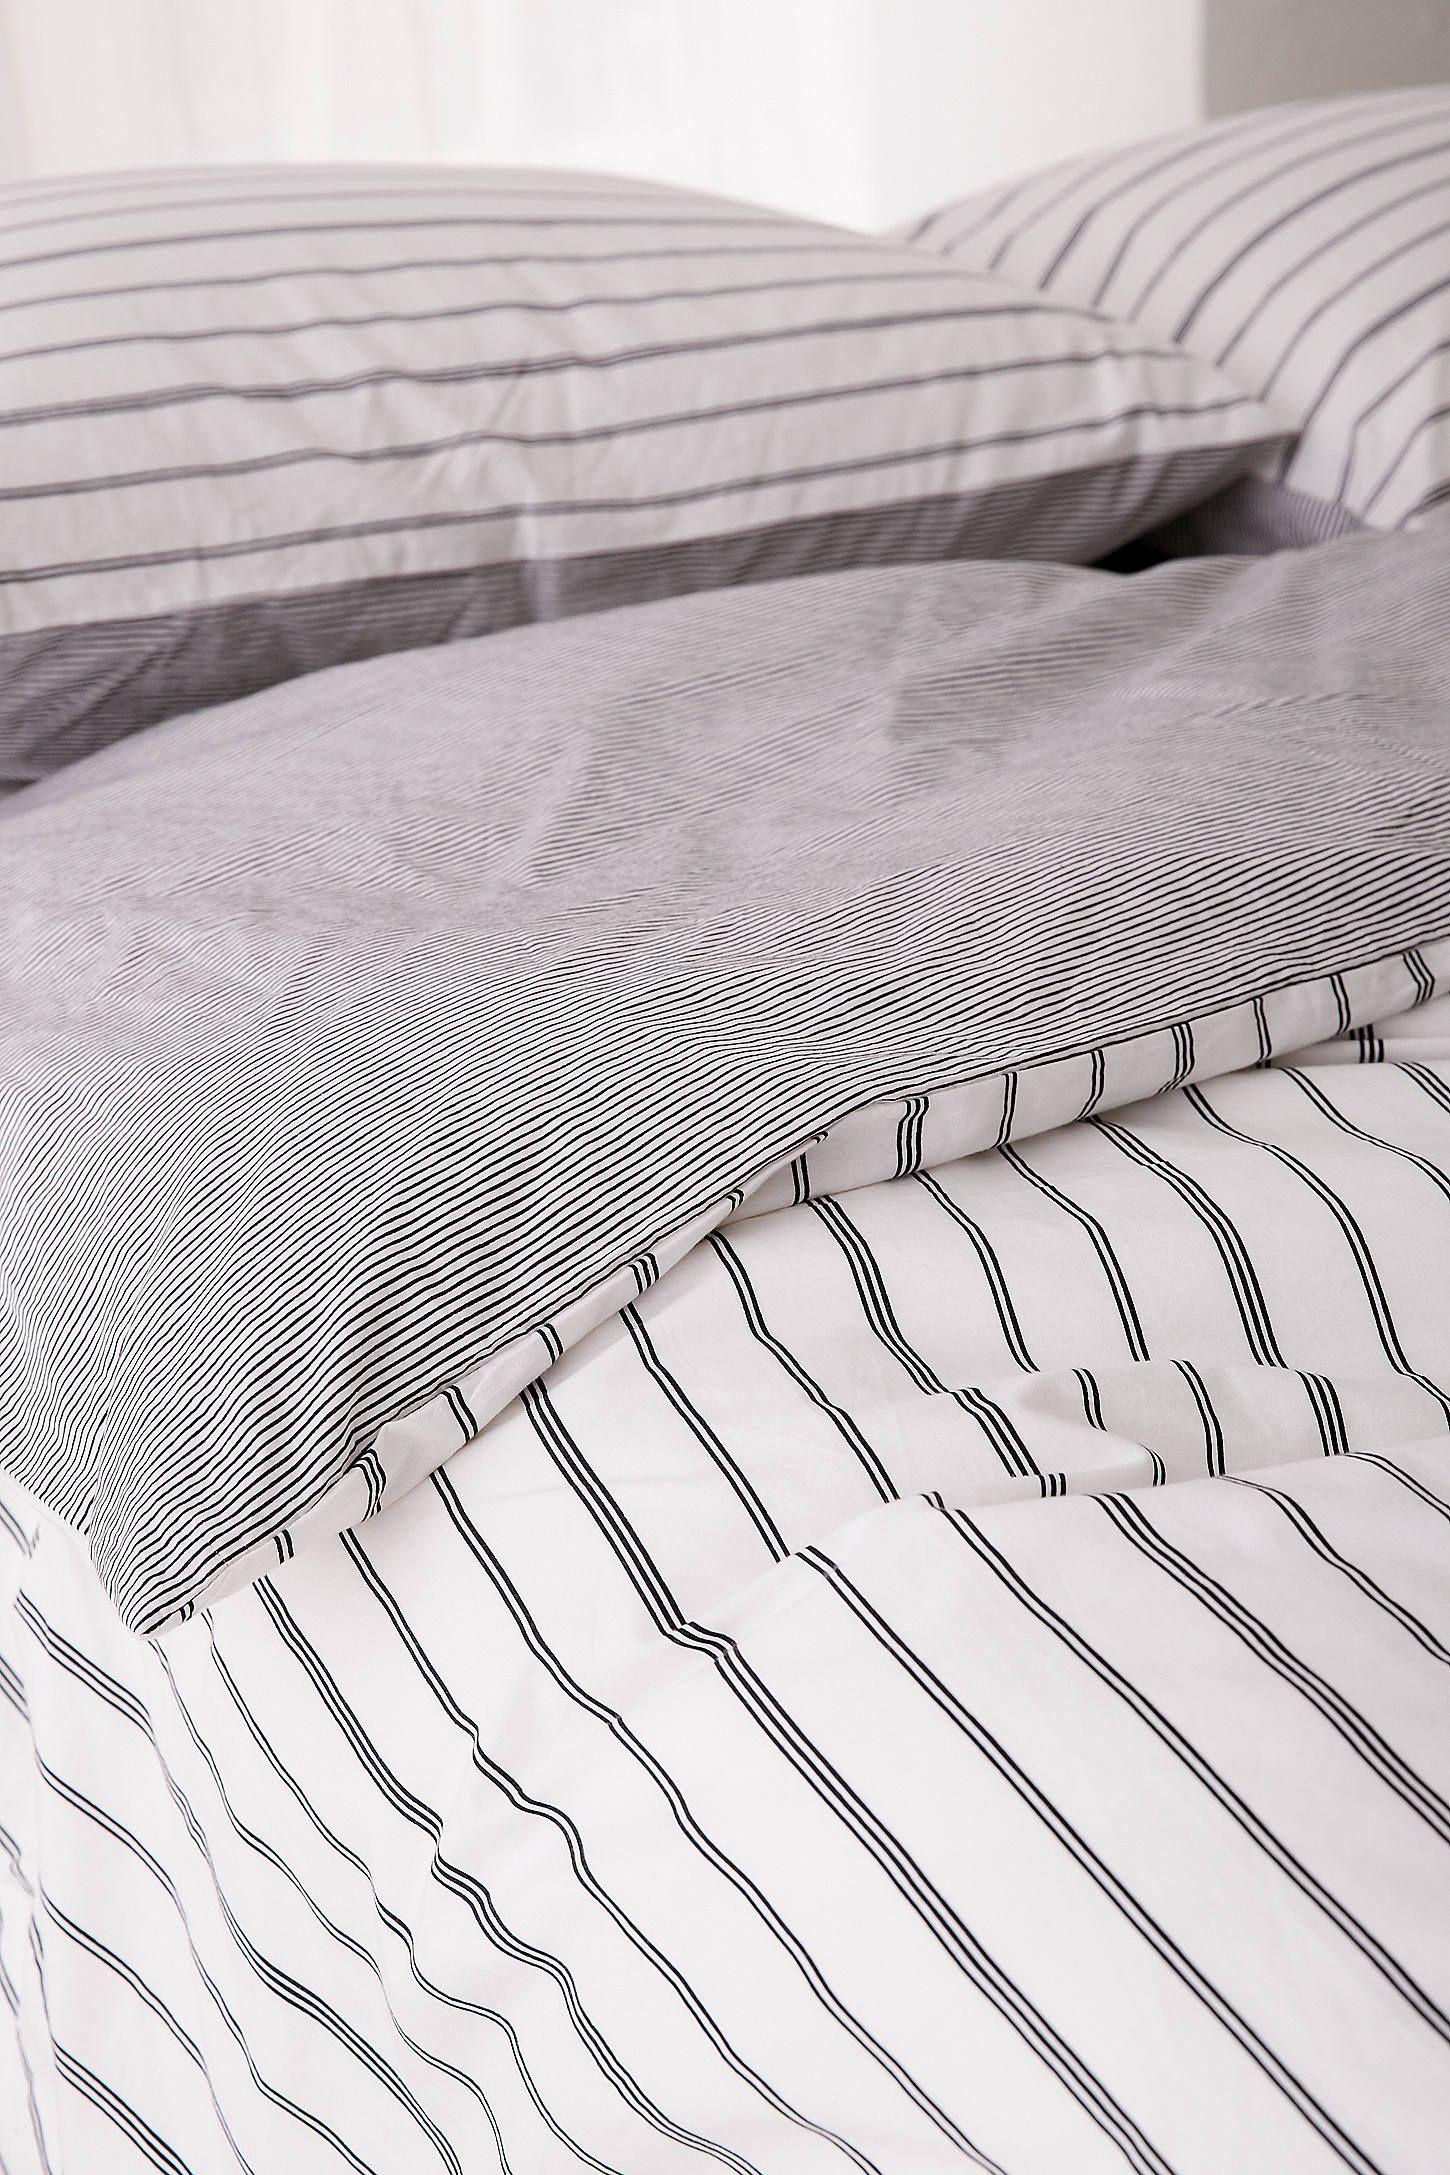 Reversible Stripe Duvet Cover Striped Duvet Covers Striped